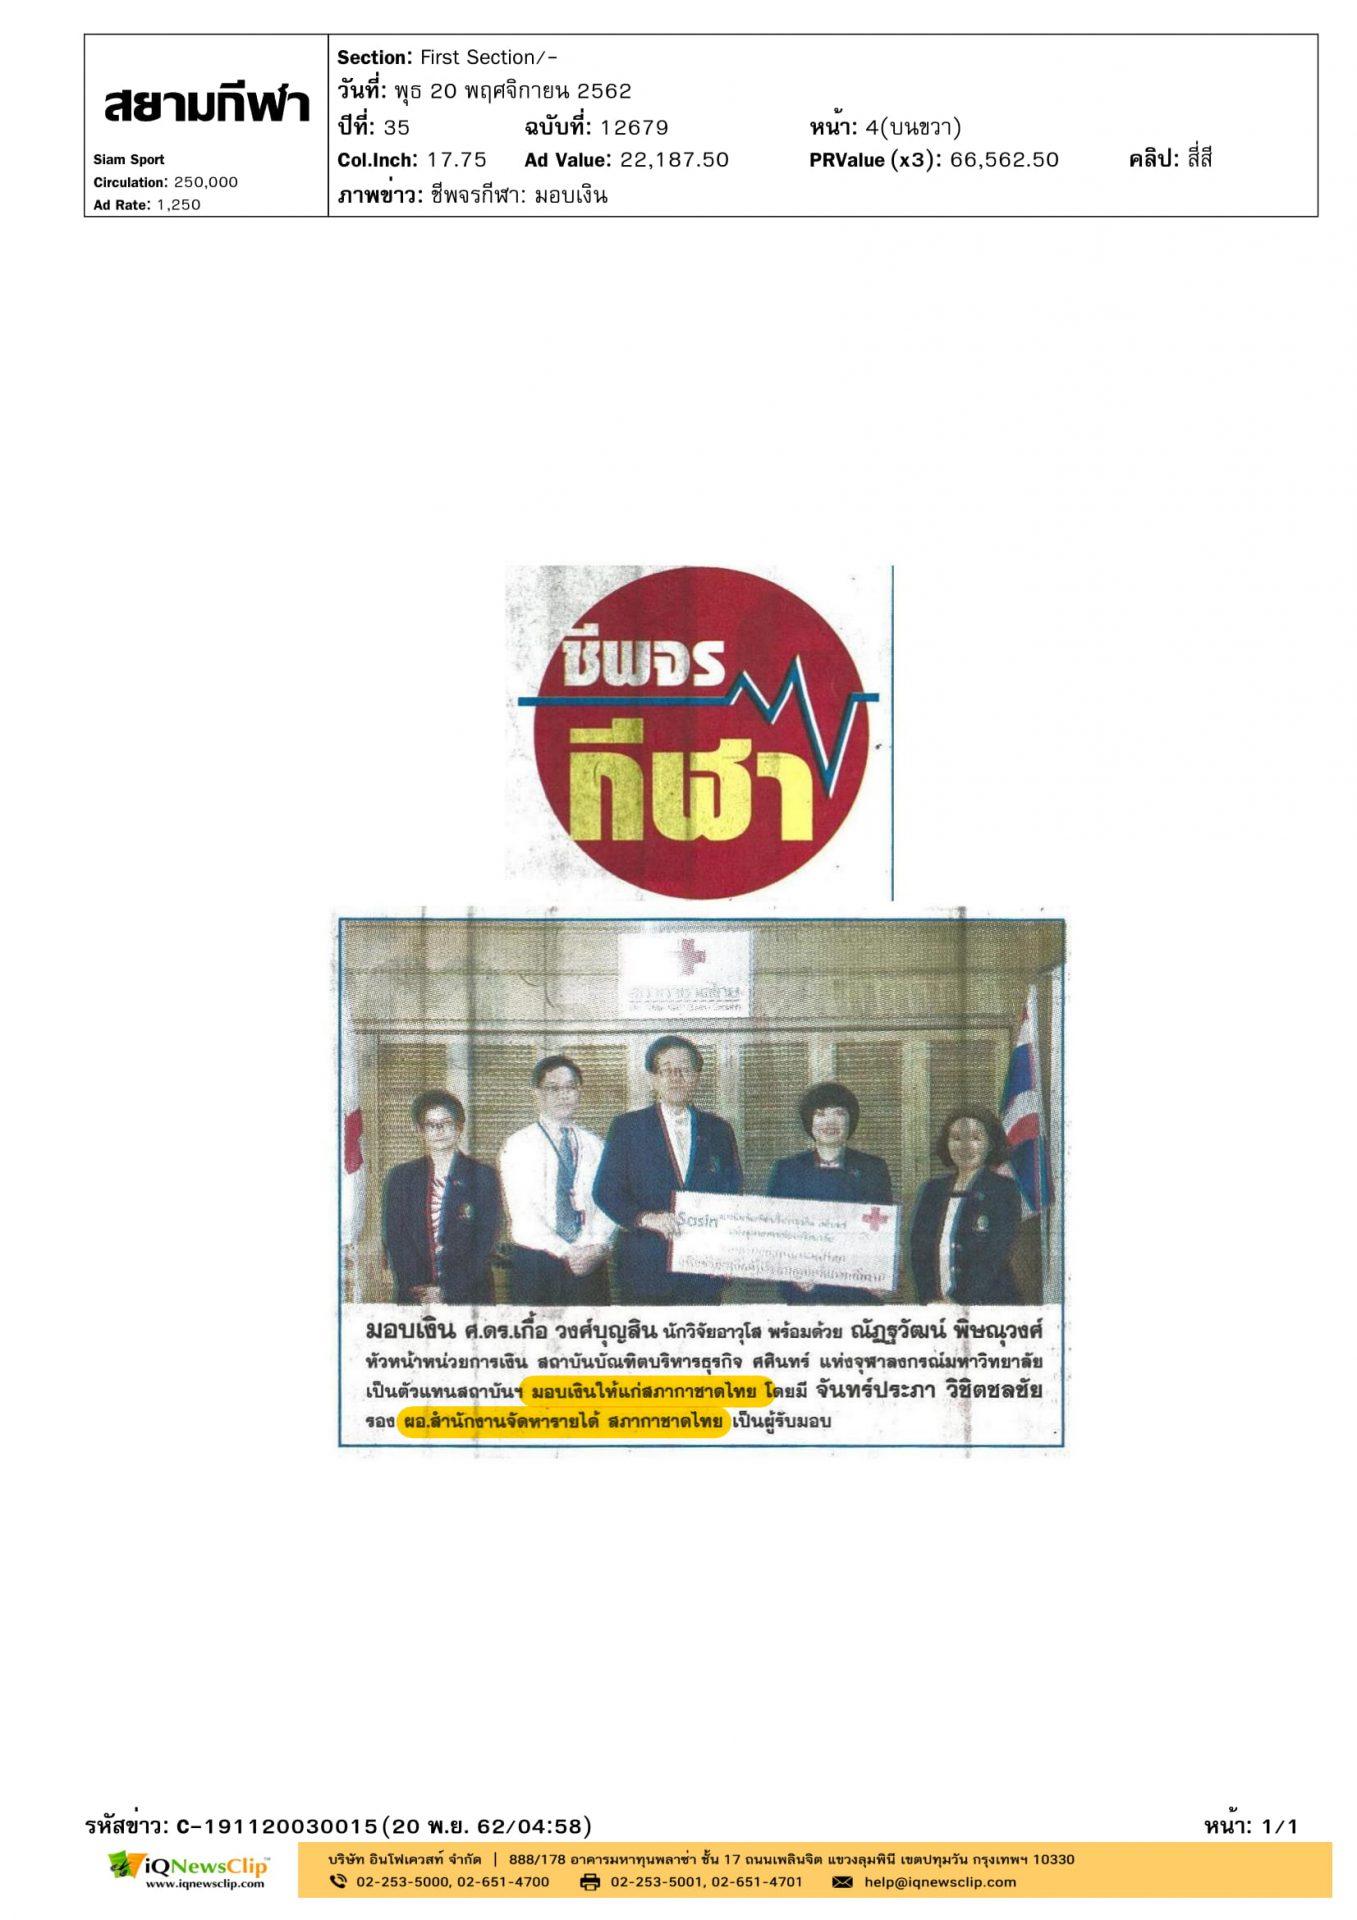 สถาบันบัณฑิตบริหารธุรกิจ จุฬาลงกรณ์ มอบเงินให้แก่สภากาชาดไทย